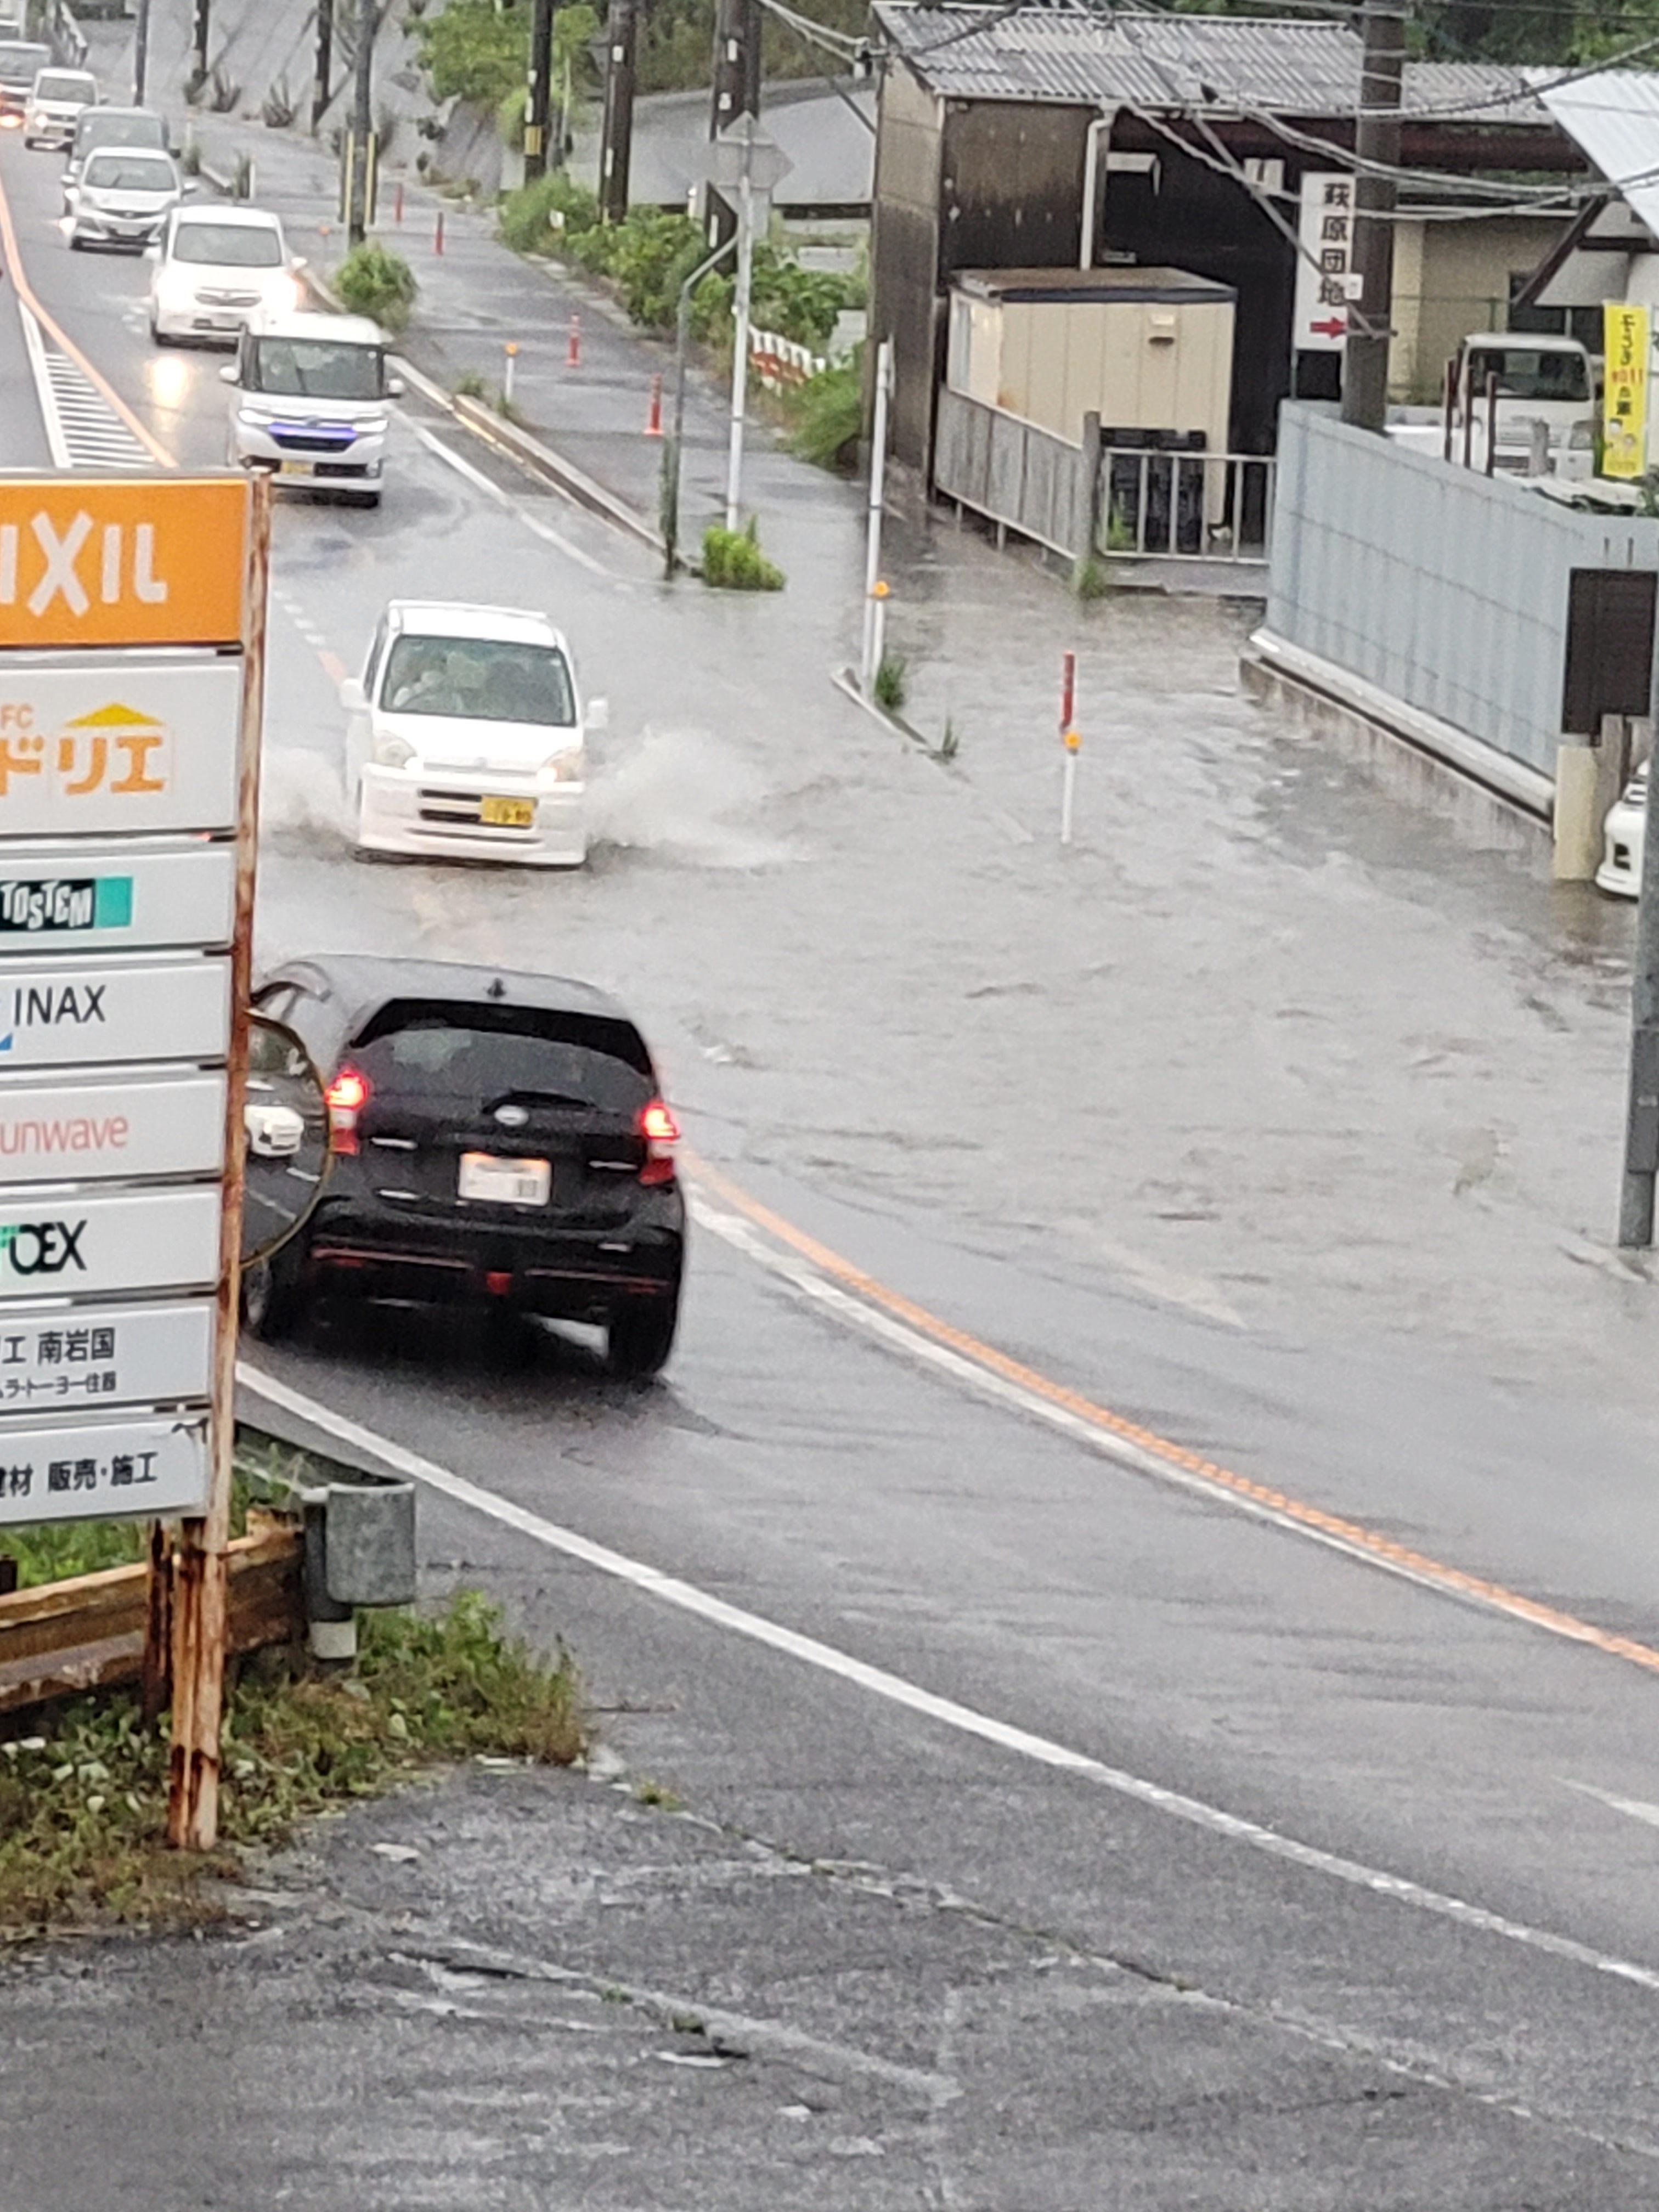 大雨警報 岩国市 ギャラリーパティオの現場ブログ メイン写真